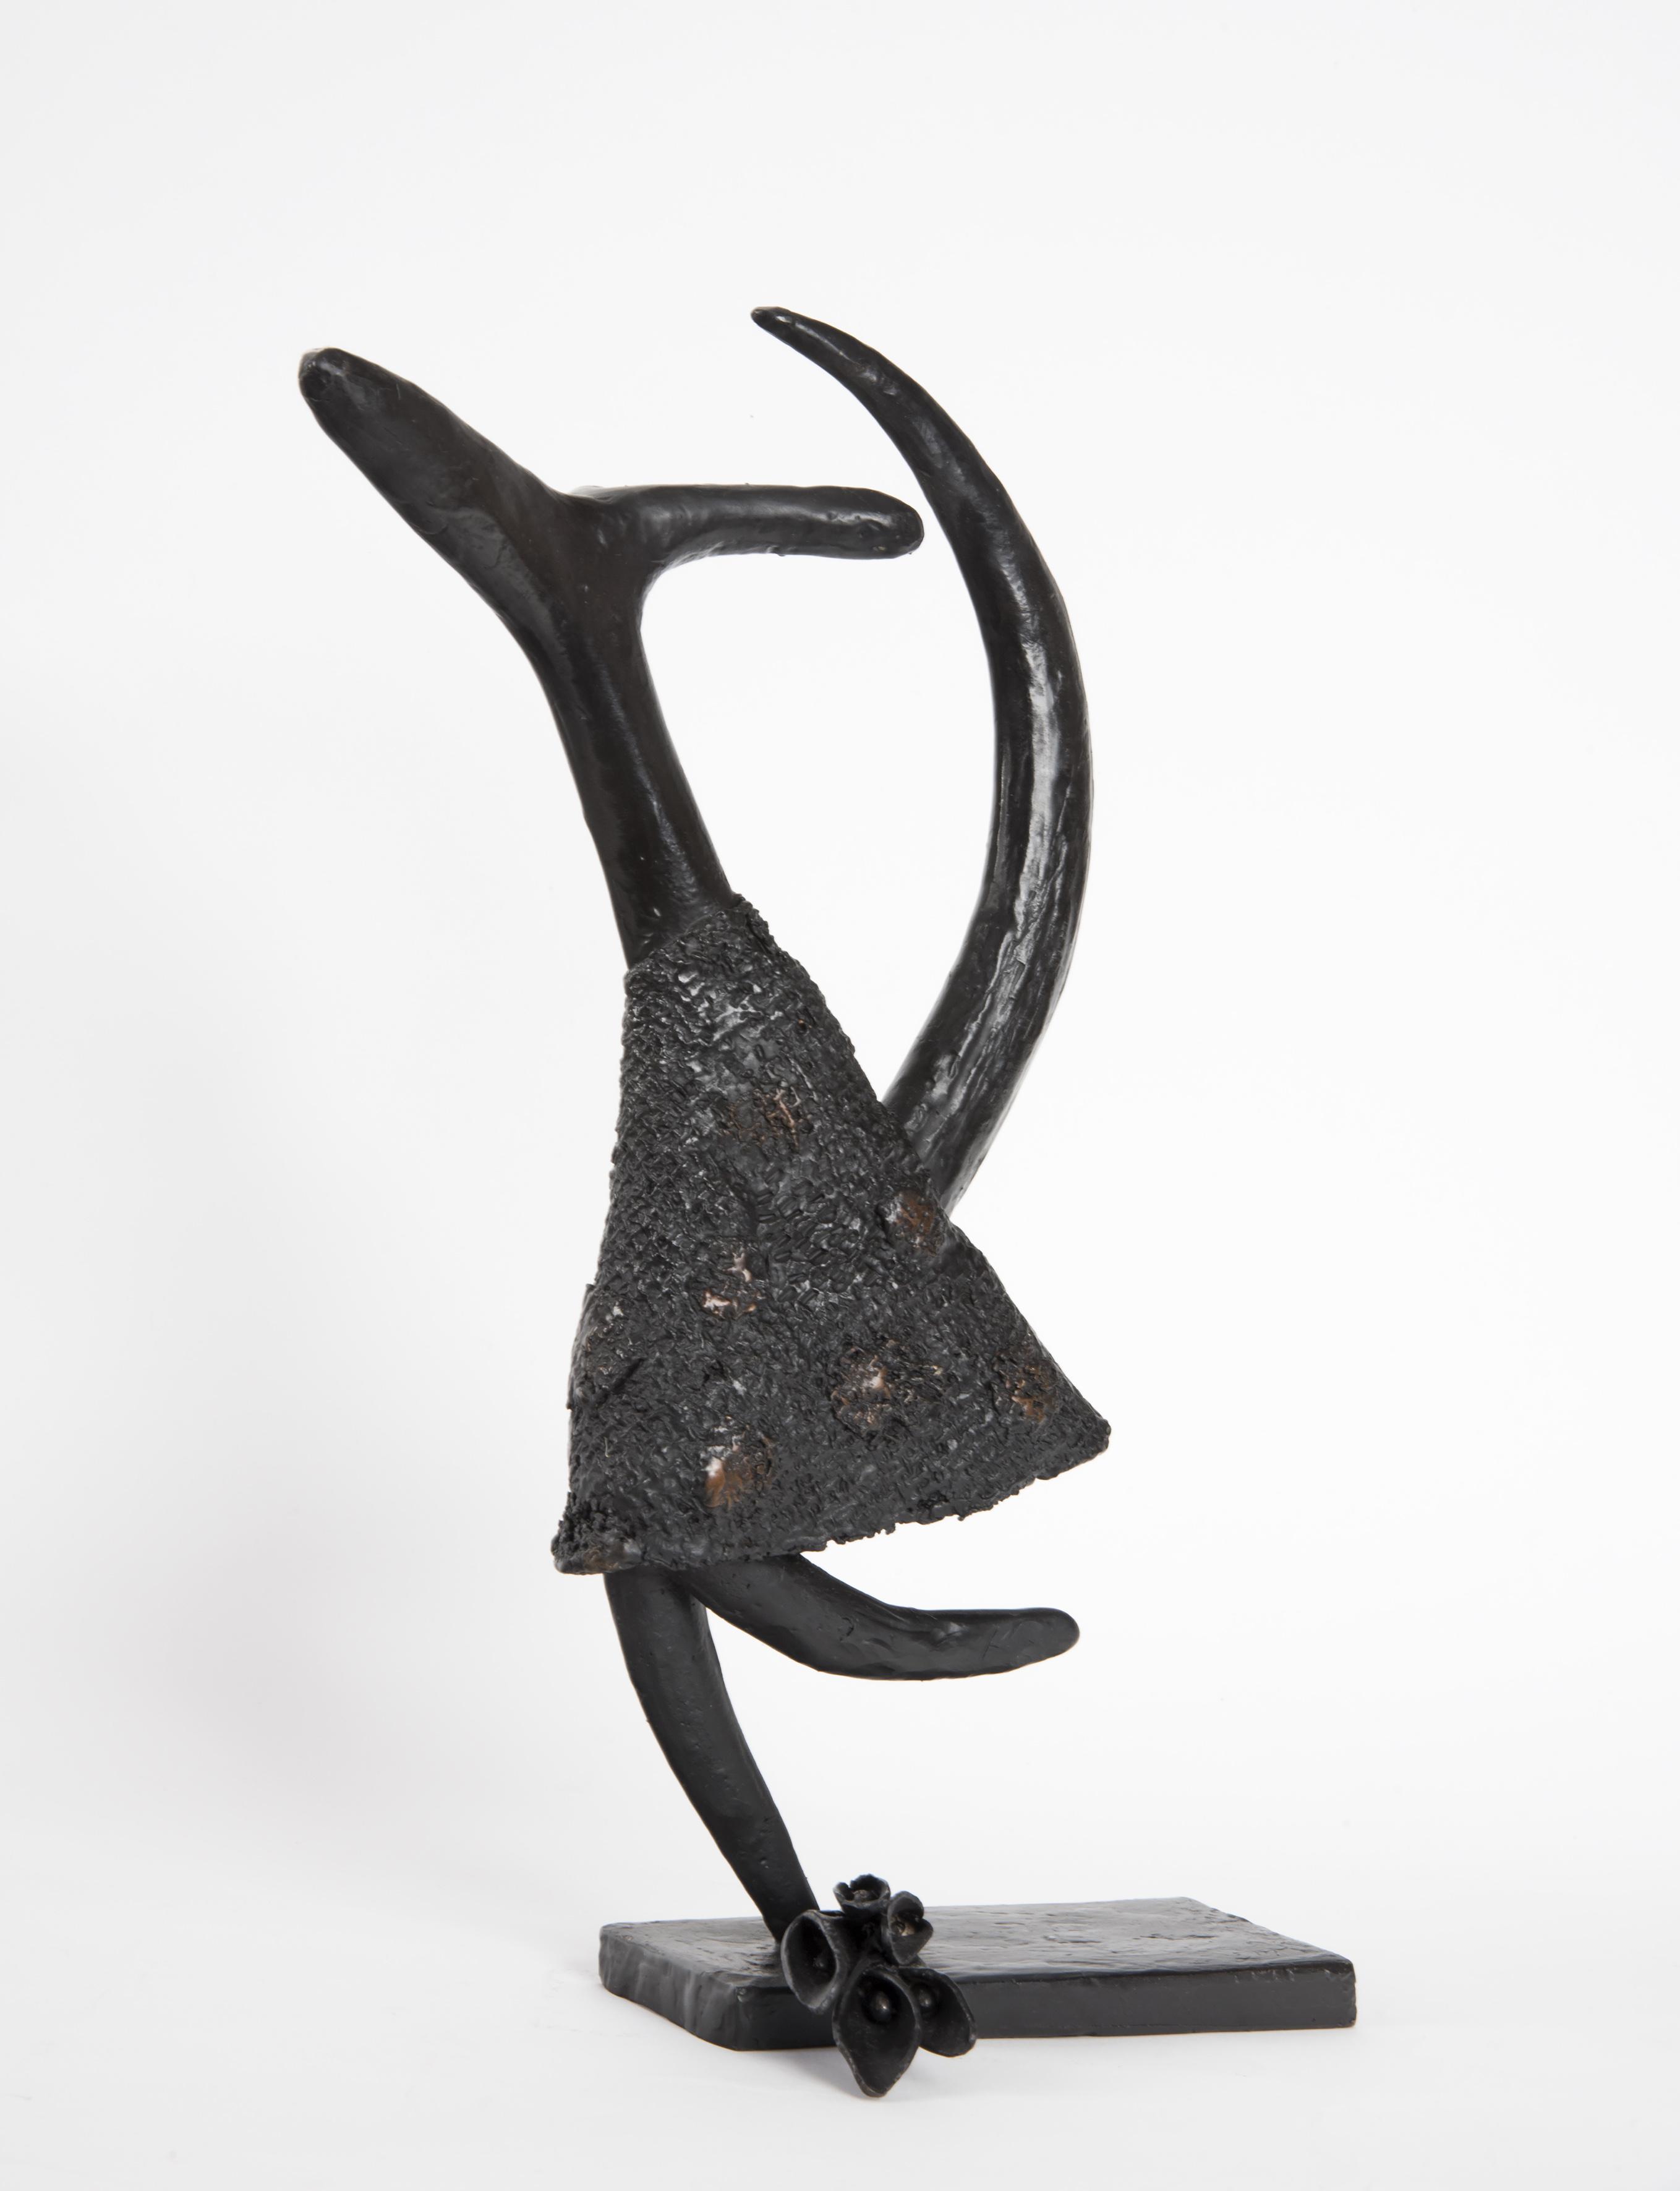 Lillth_Beatrice Magalotti_32x23x11cm_Bronze